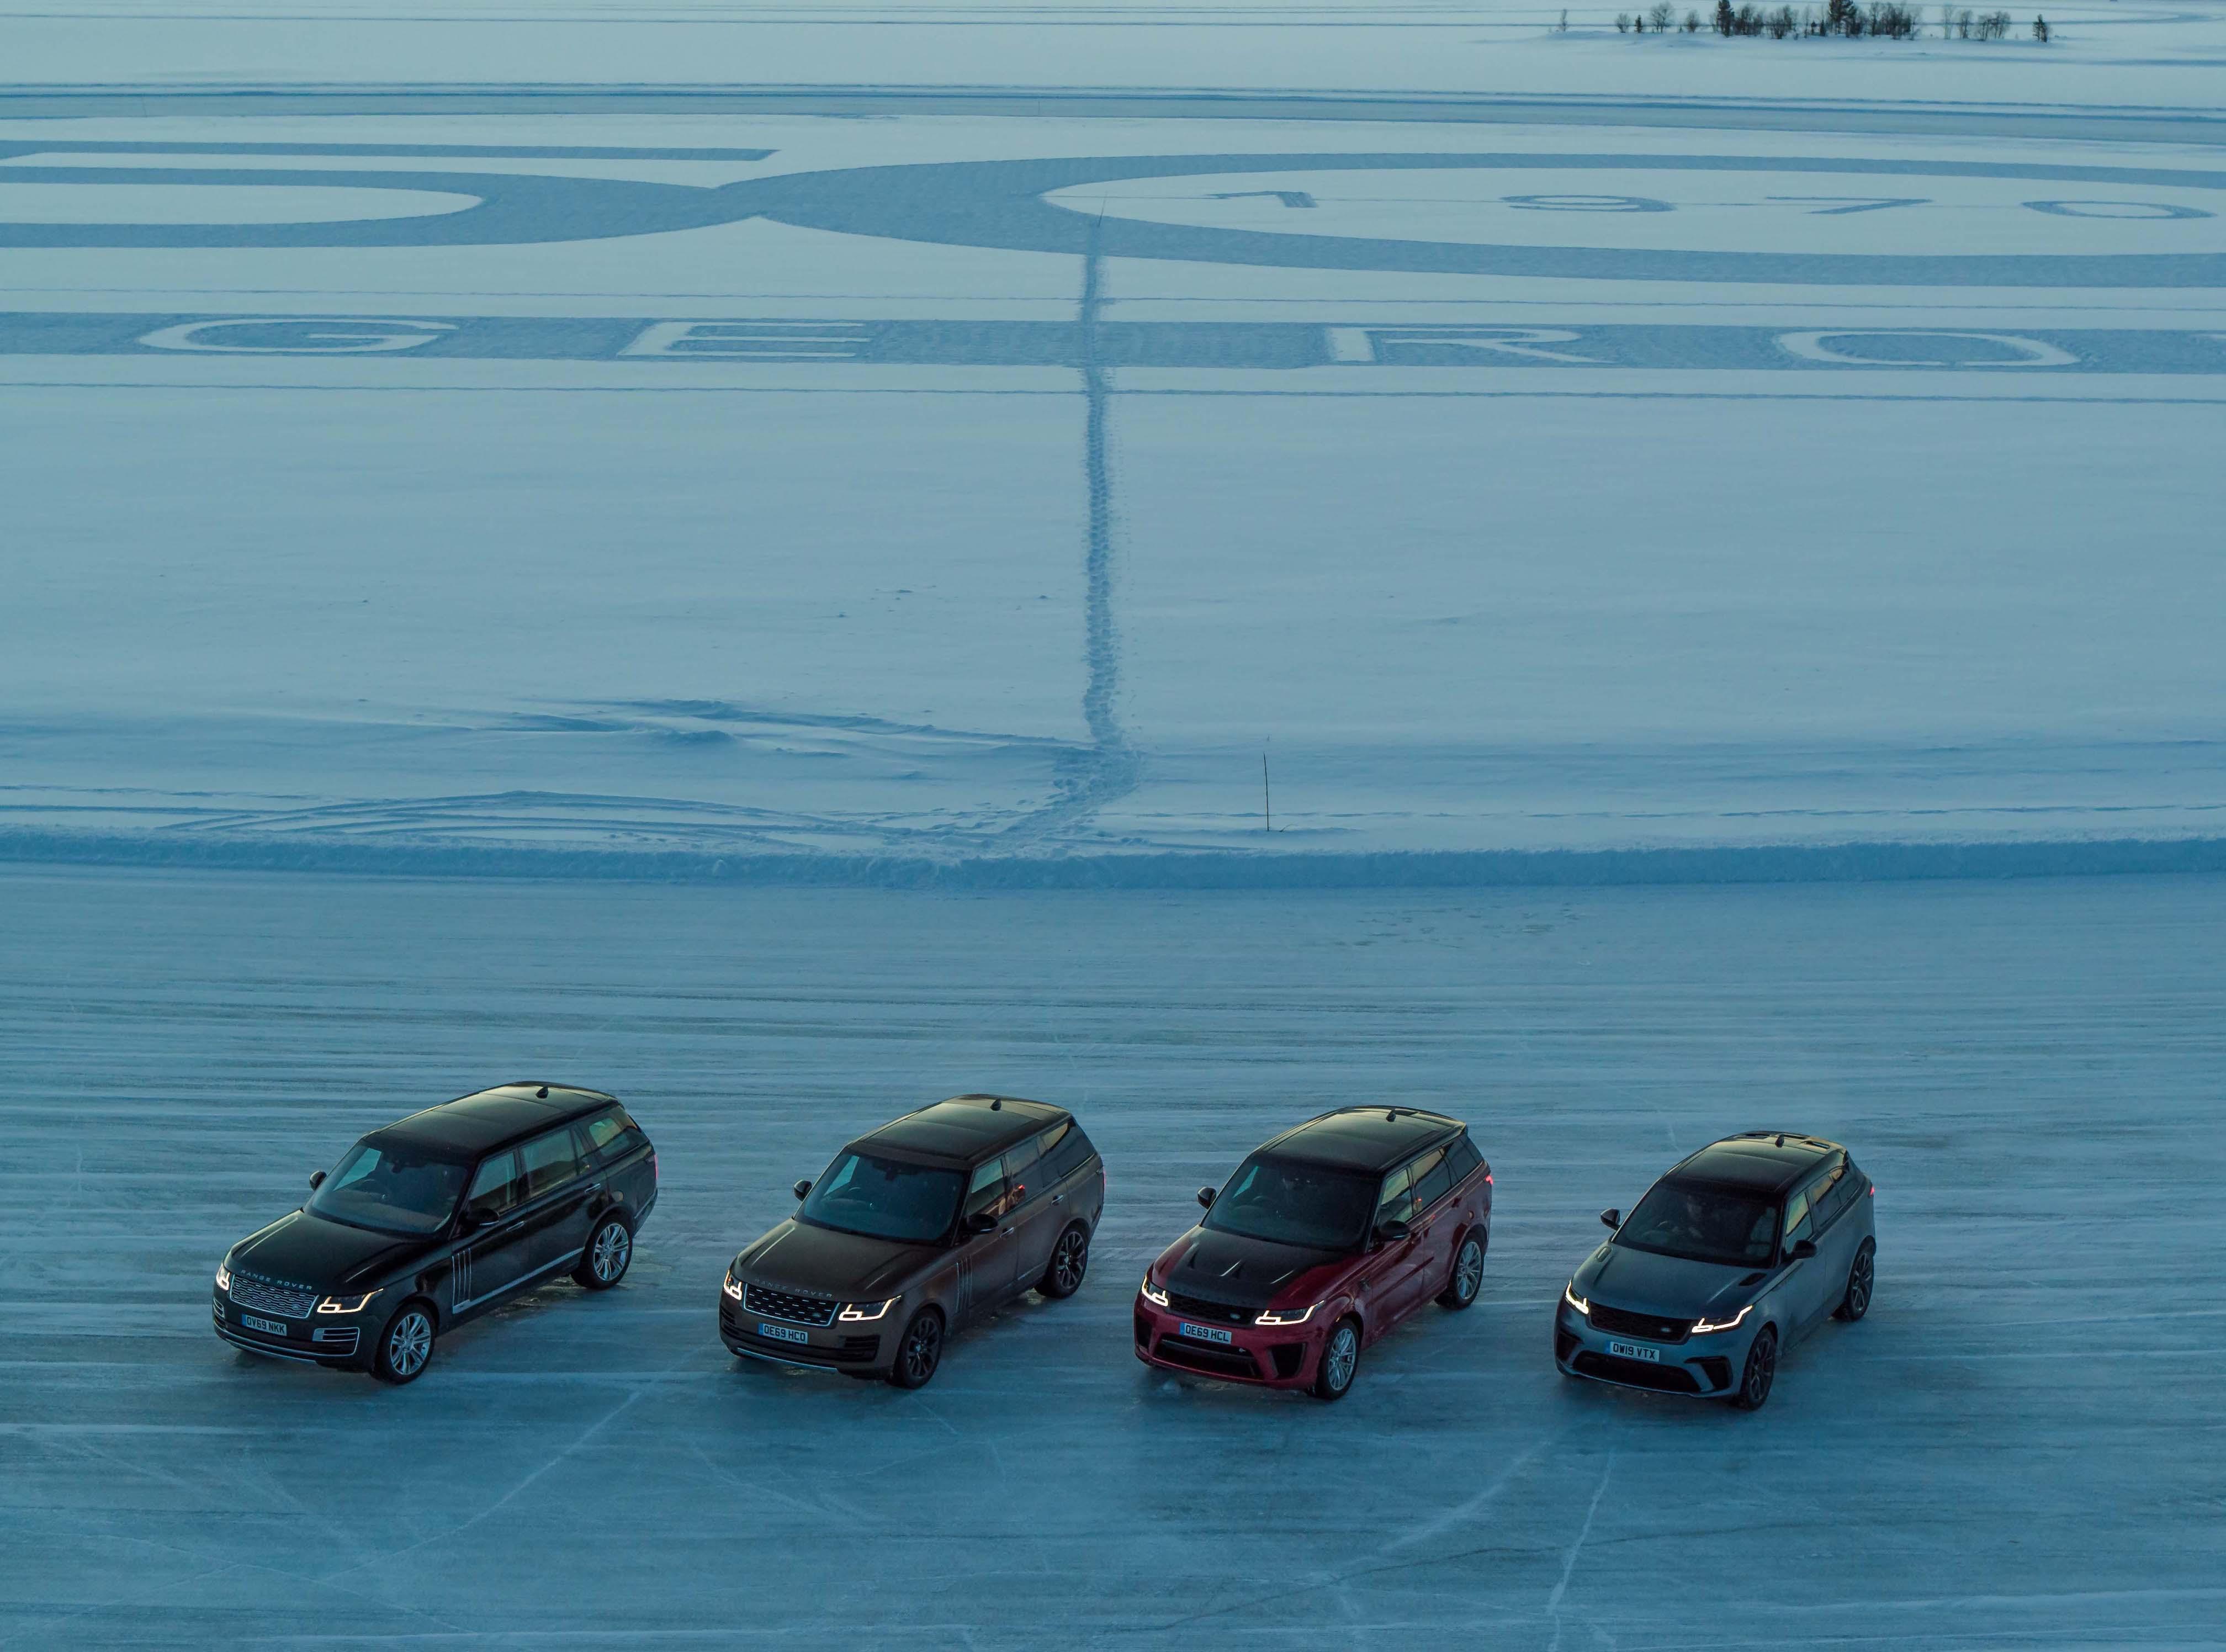 左起:Range Rover SVAutobiography LWB、Range Rover SVAutobiography Dynamic SWB、Range Rover Sport SVR、Range Rover Velar SVAutobiography Dynamic Edition。